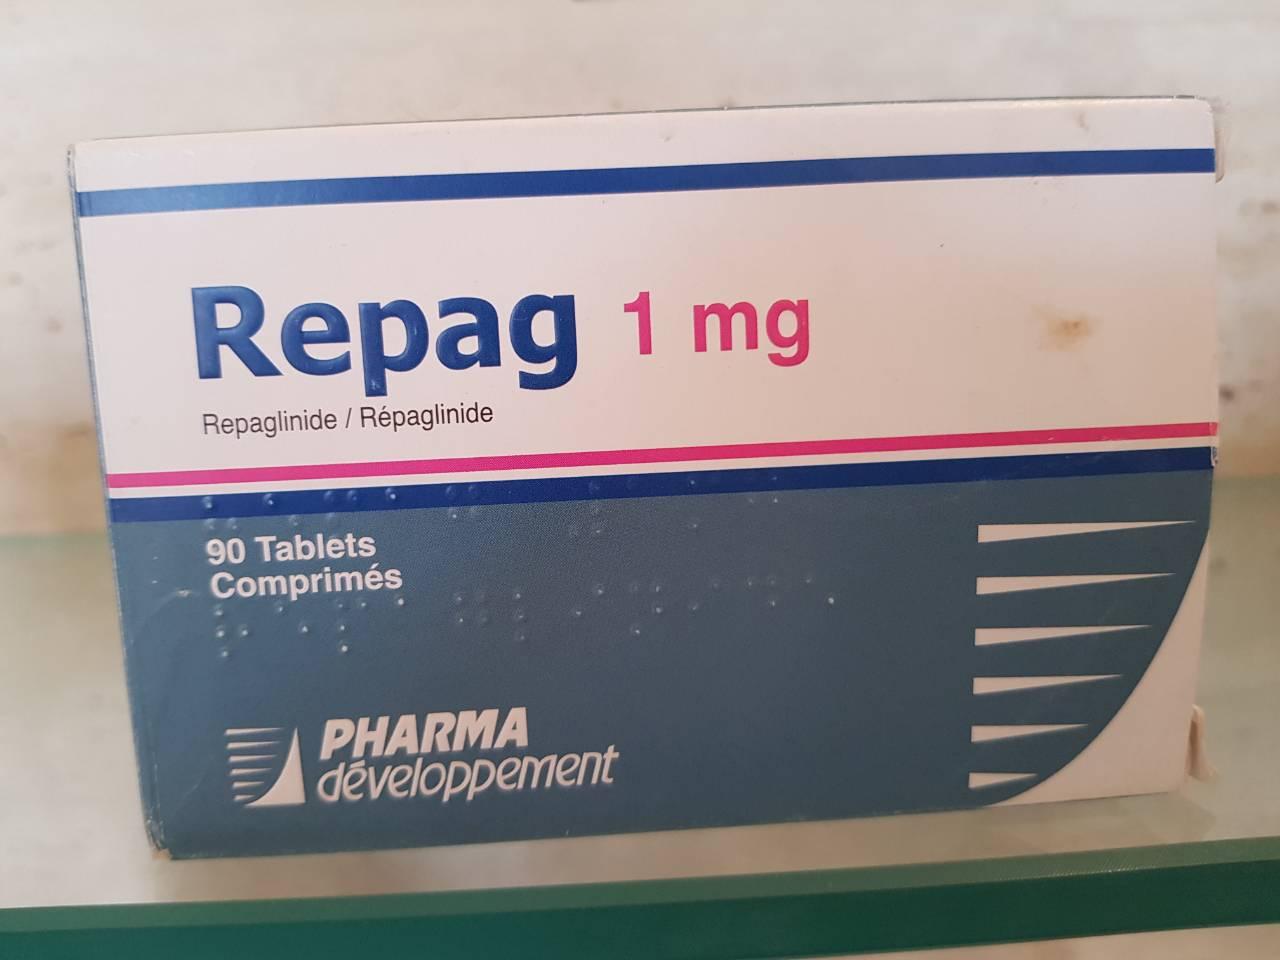 Repag 1 mg